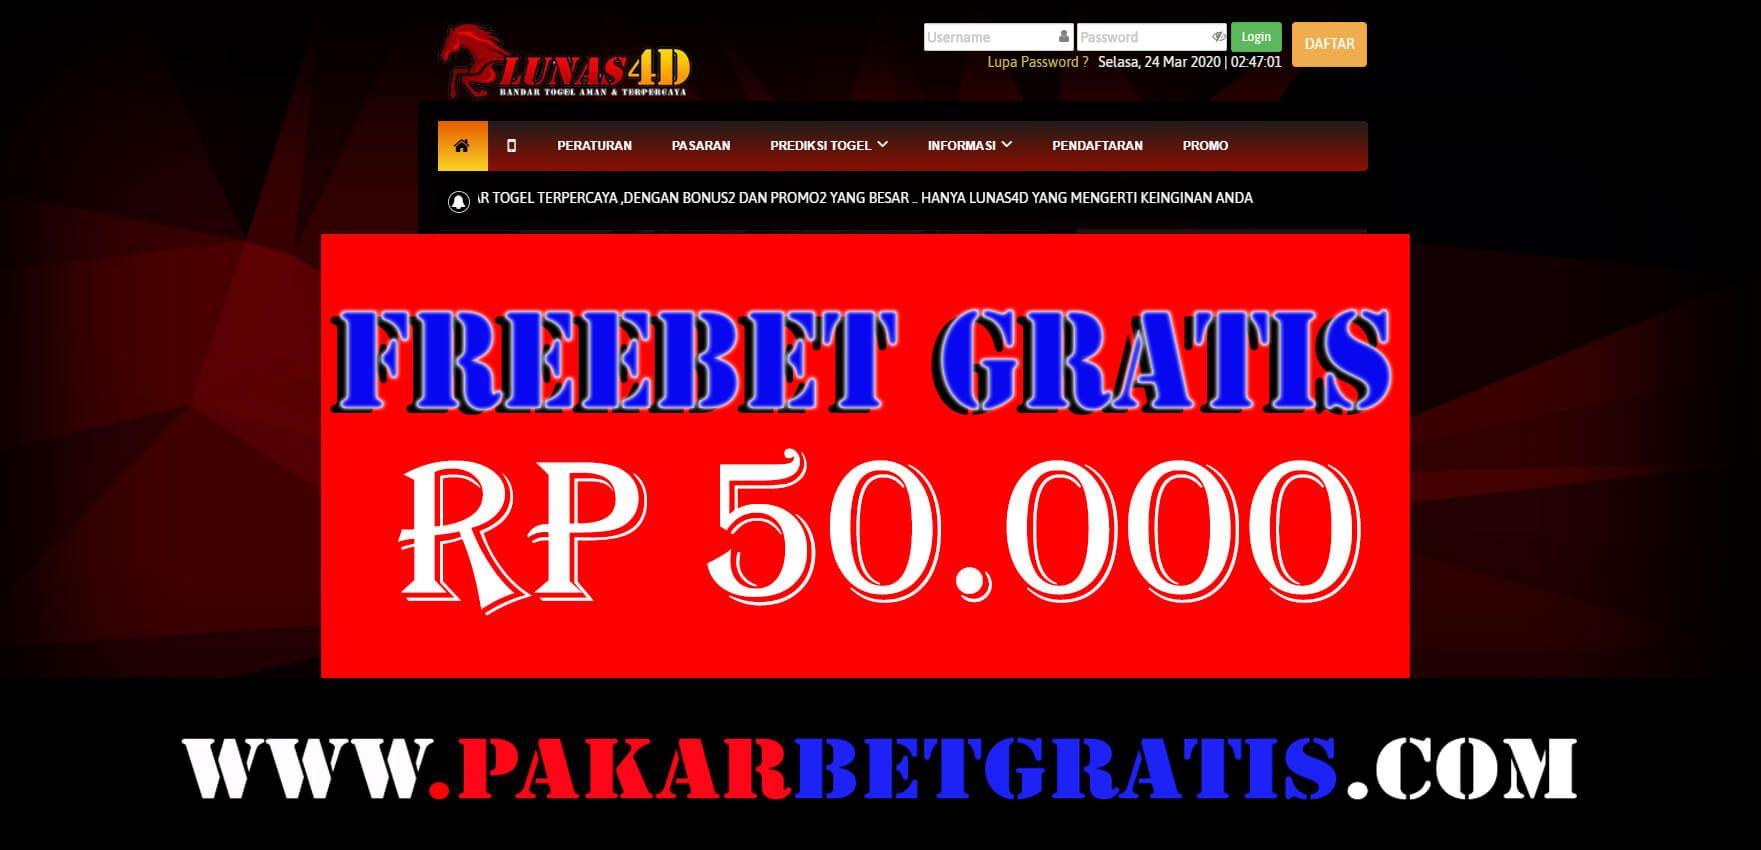 Lunas4d Freebet Gratis Hingga Rp 50 000 Tanpa Deposit Gratis Poker Uang